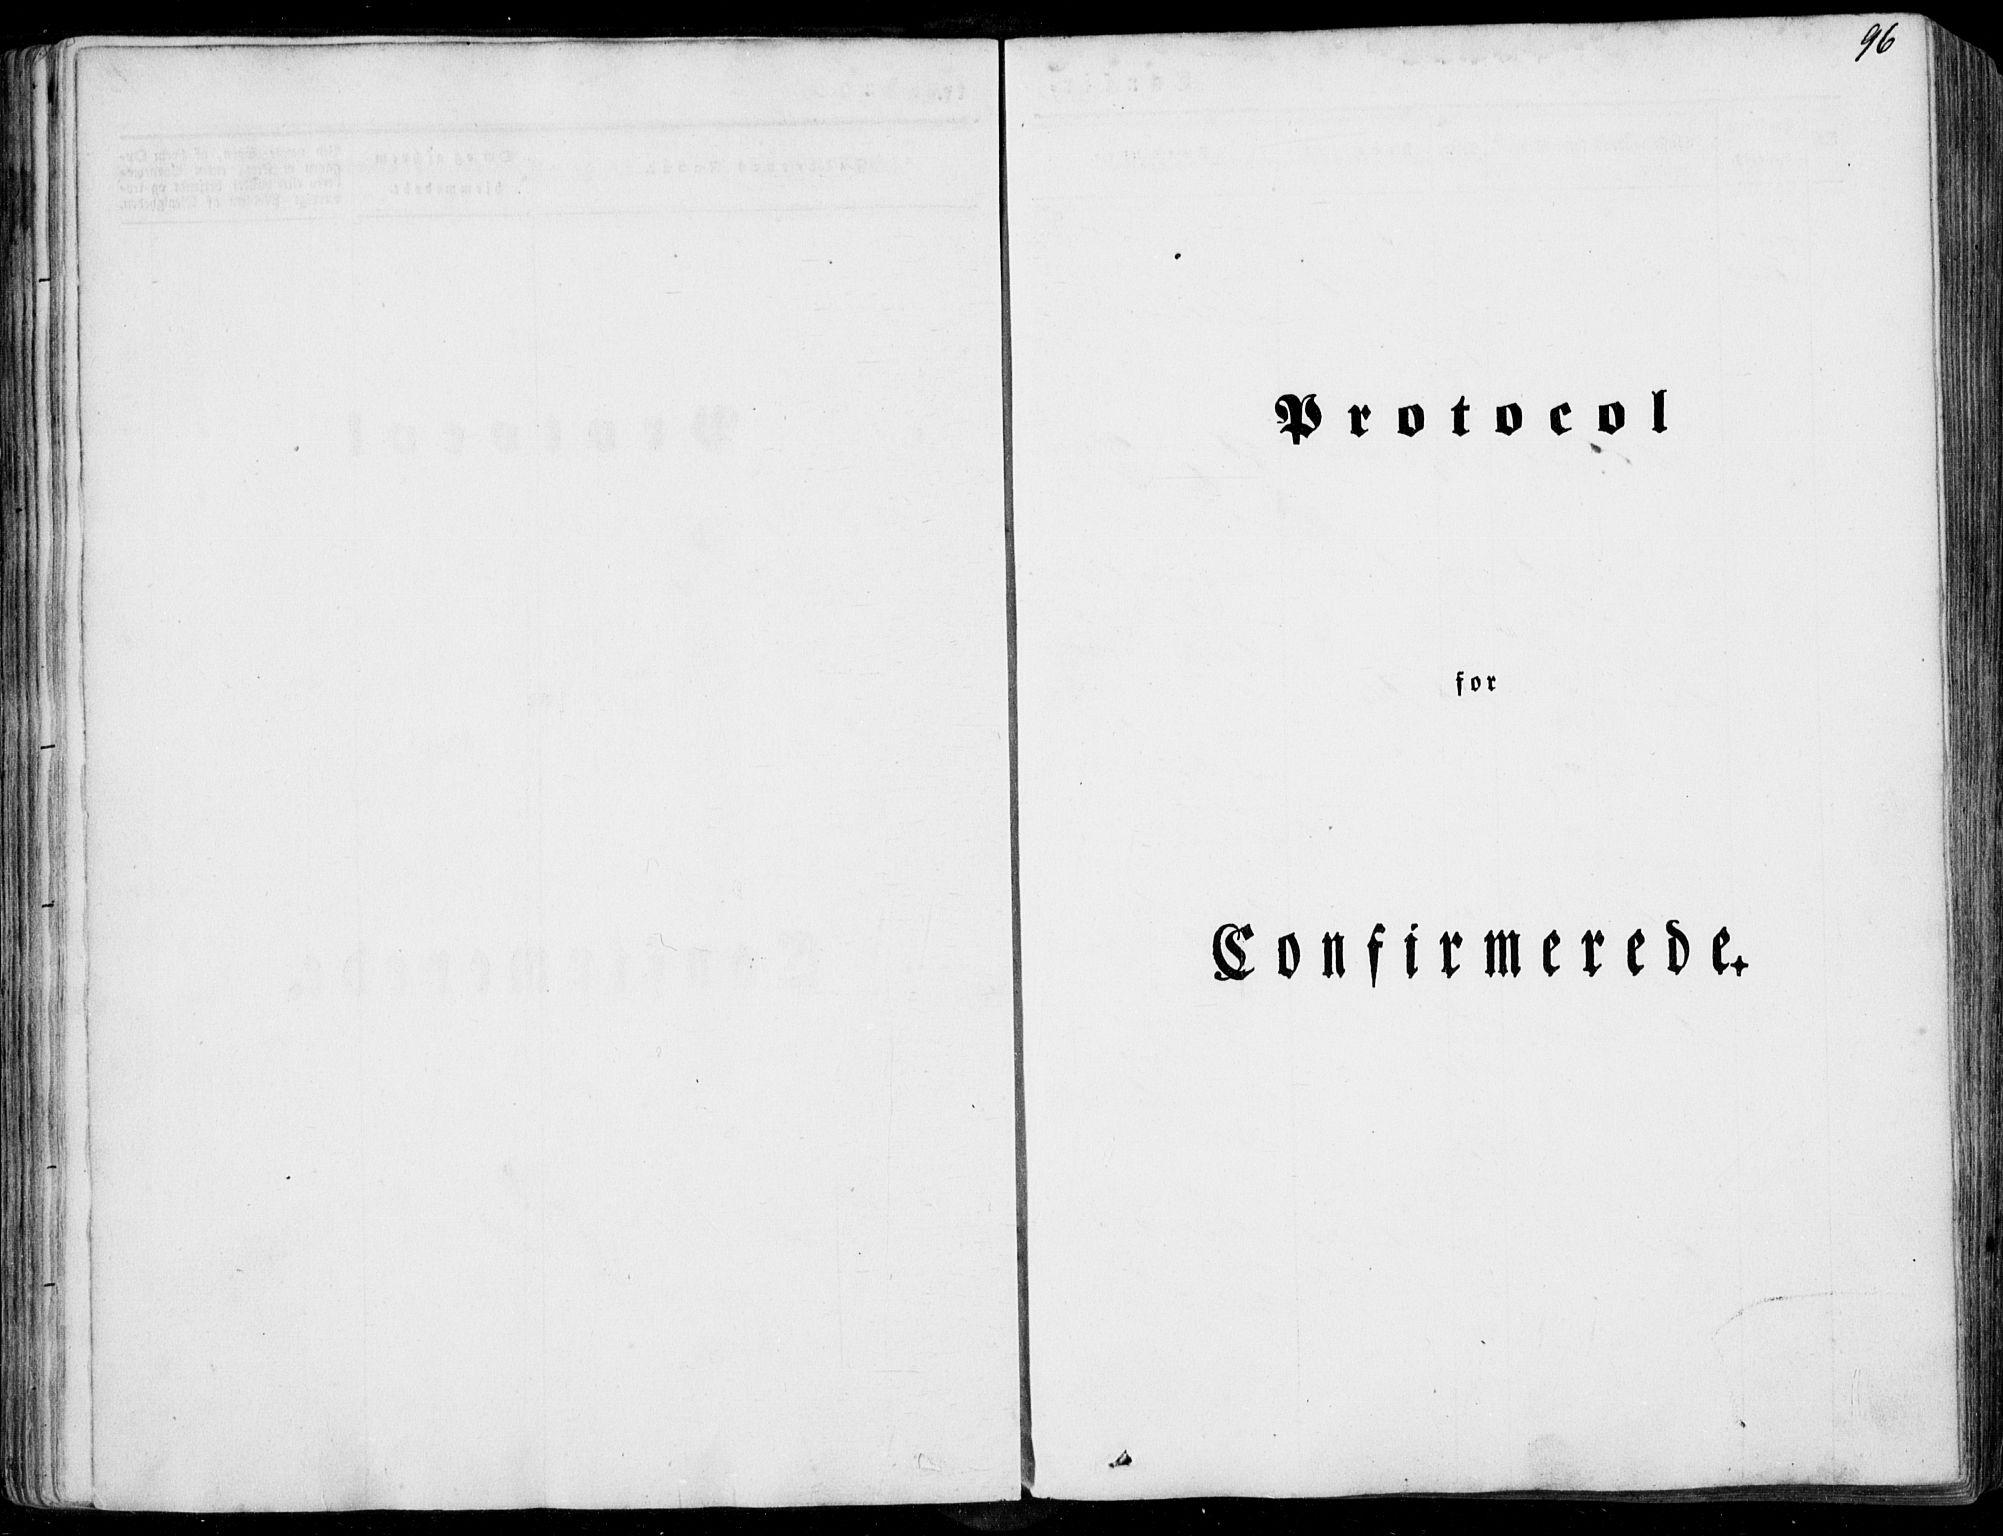 SAT, Ministerialprotokoller, klokkerbøker og fødselsregistre - Møre og Romsdal, 536/L0497: Ministerialbok nr. 536A06, 1845-1865, s. 96